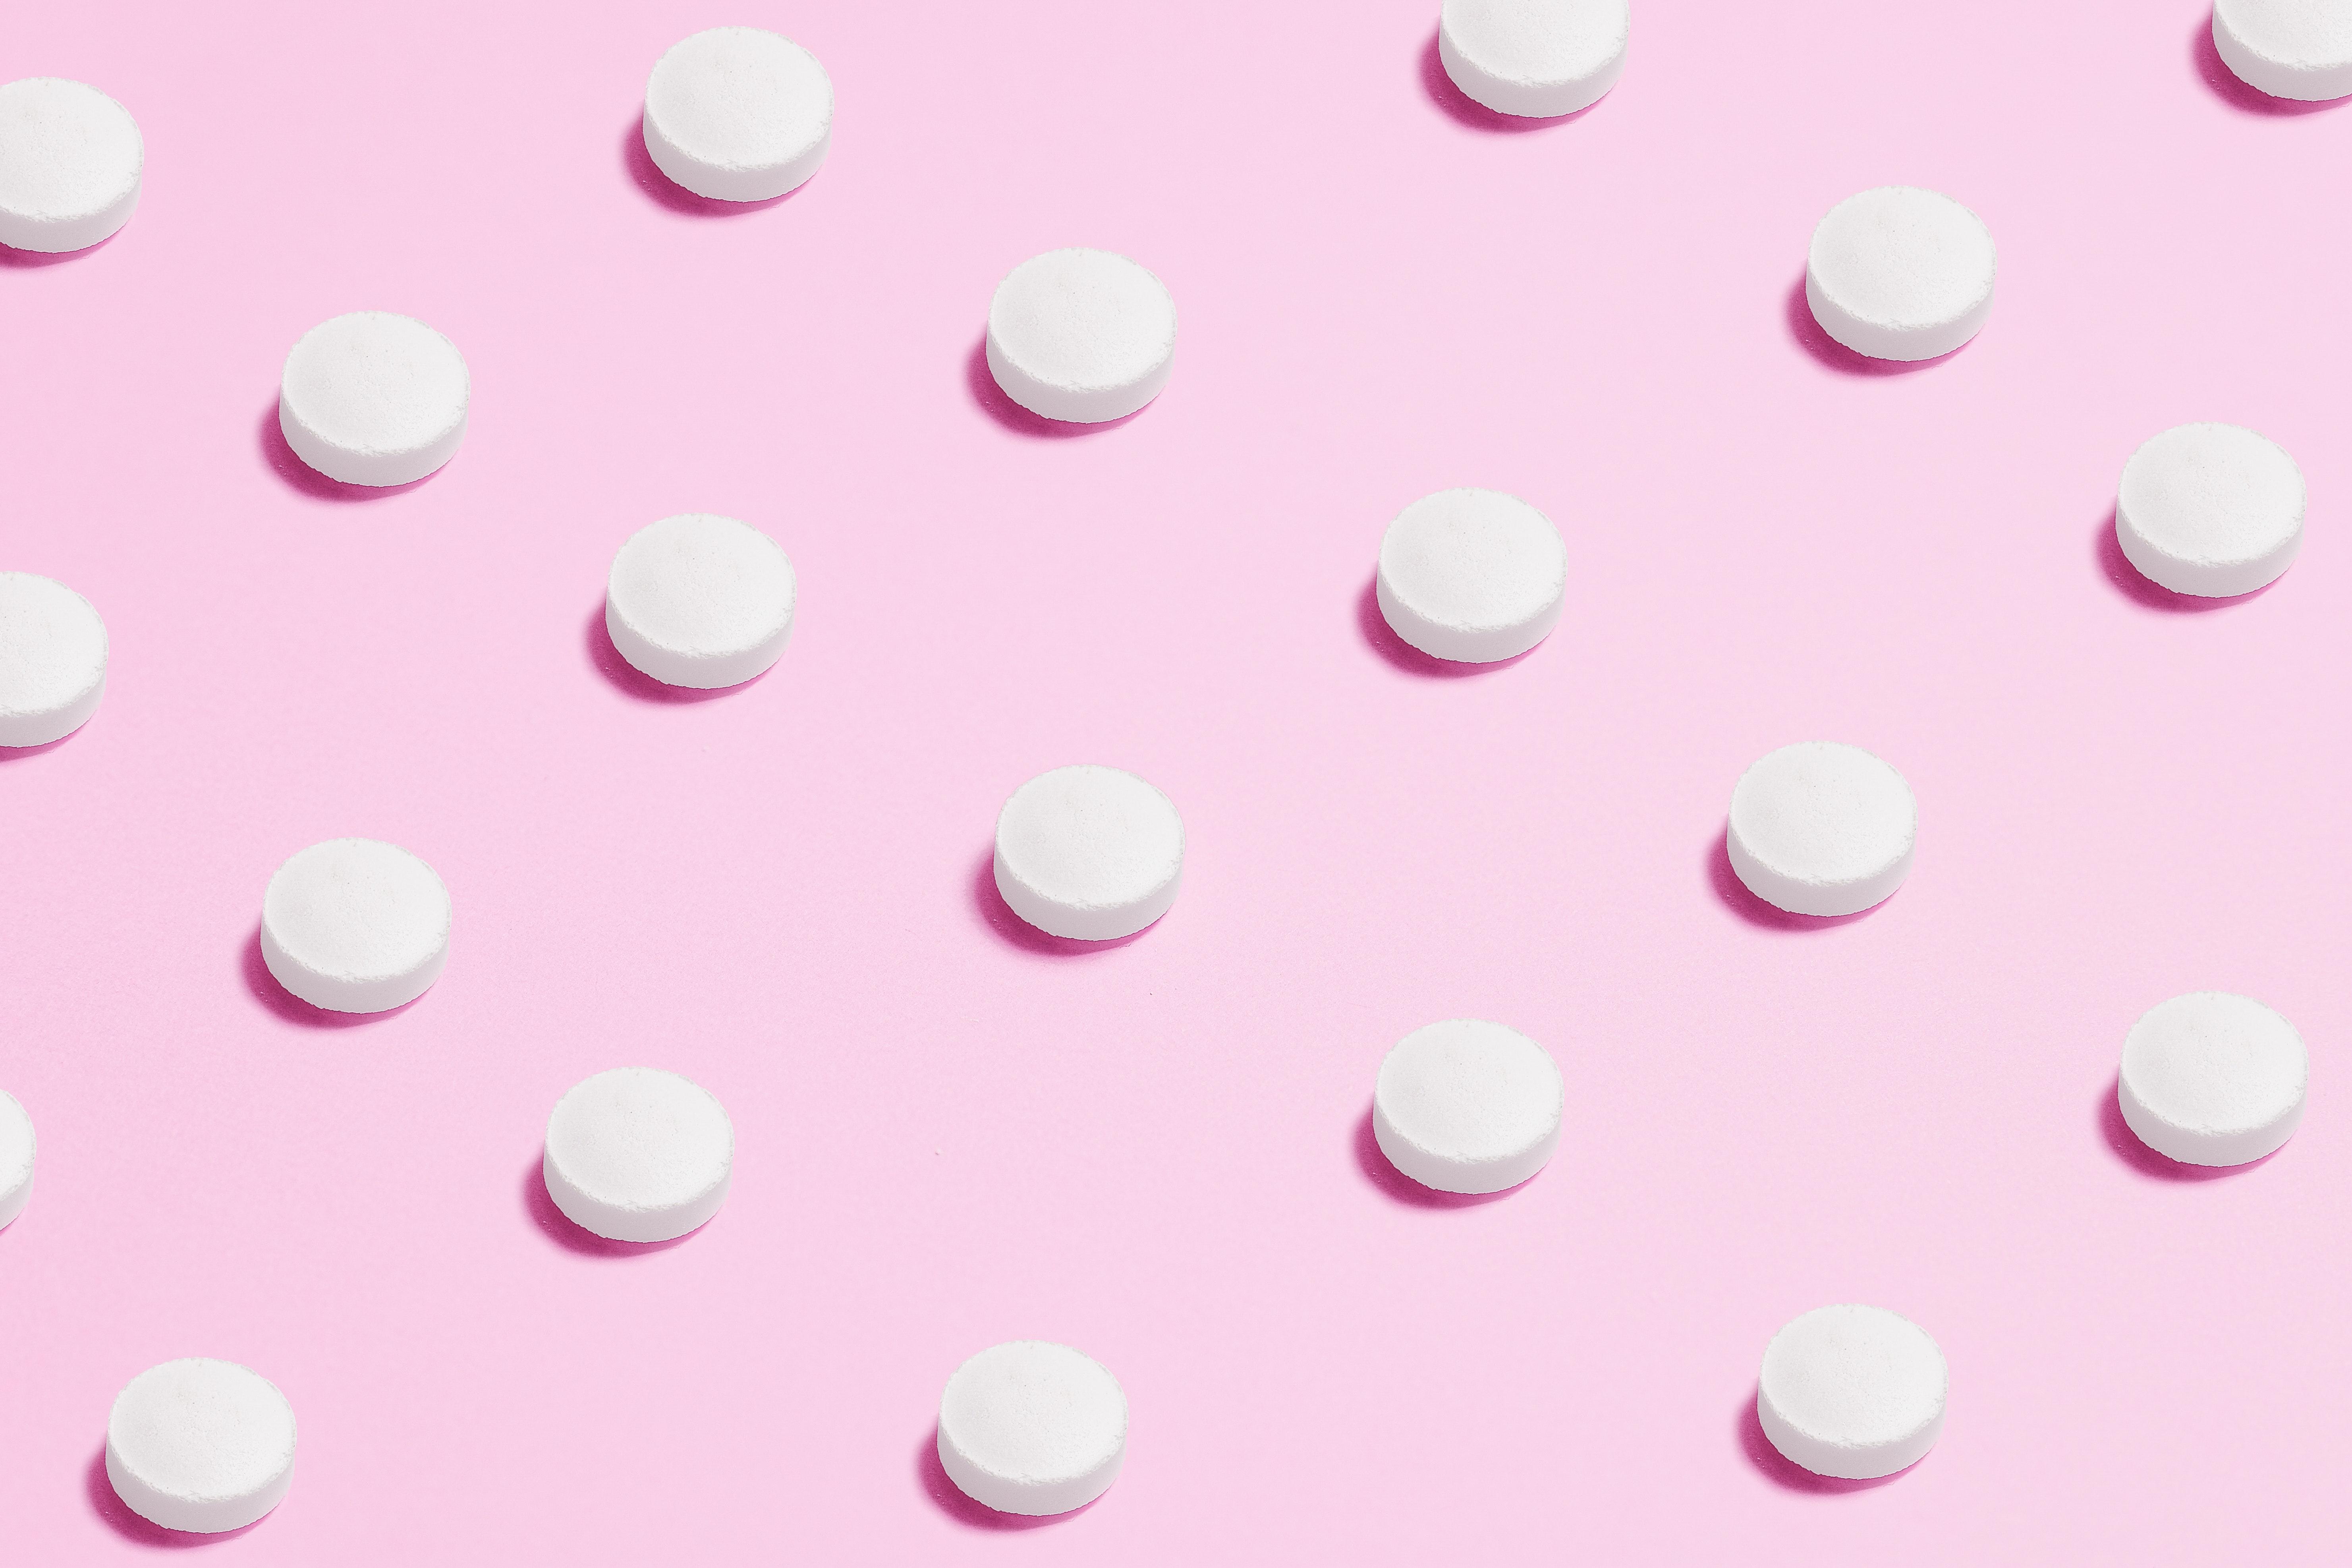 Efeitos da pílula anticoncepcional no organismo - por: Dra. Fatima Oladejo